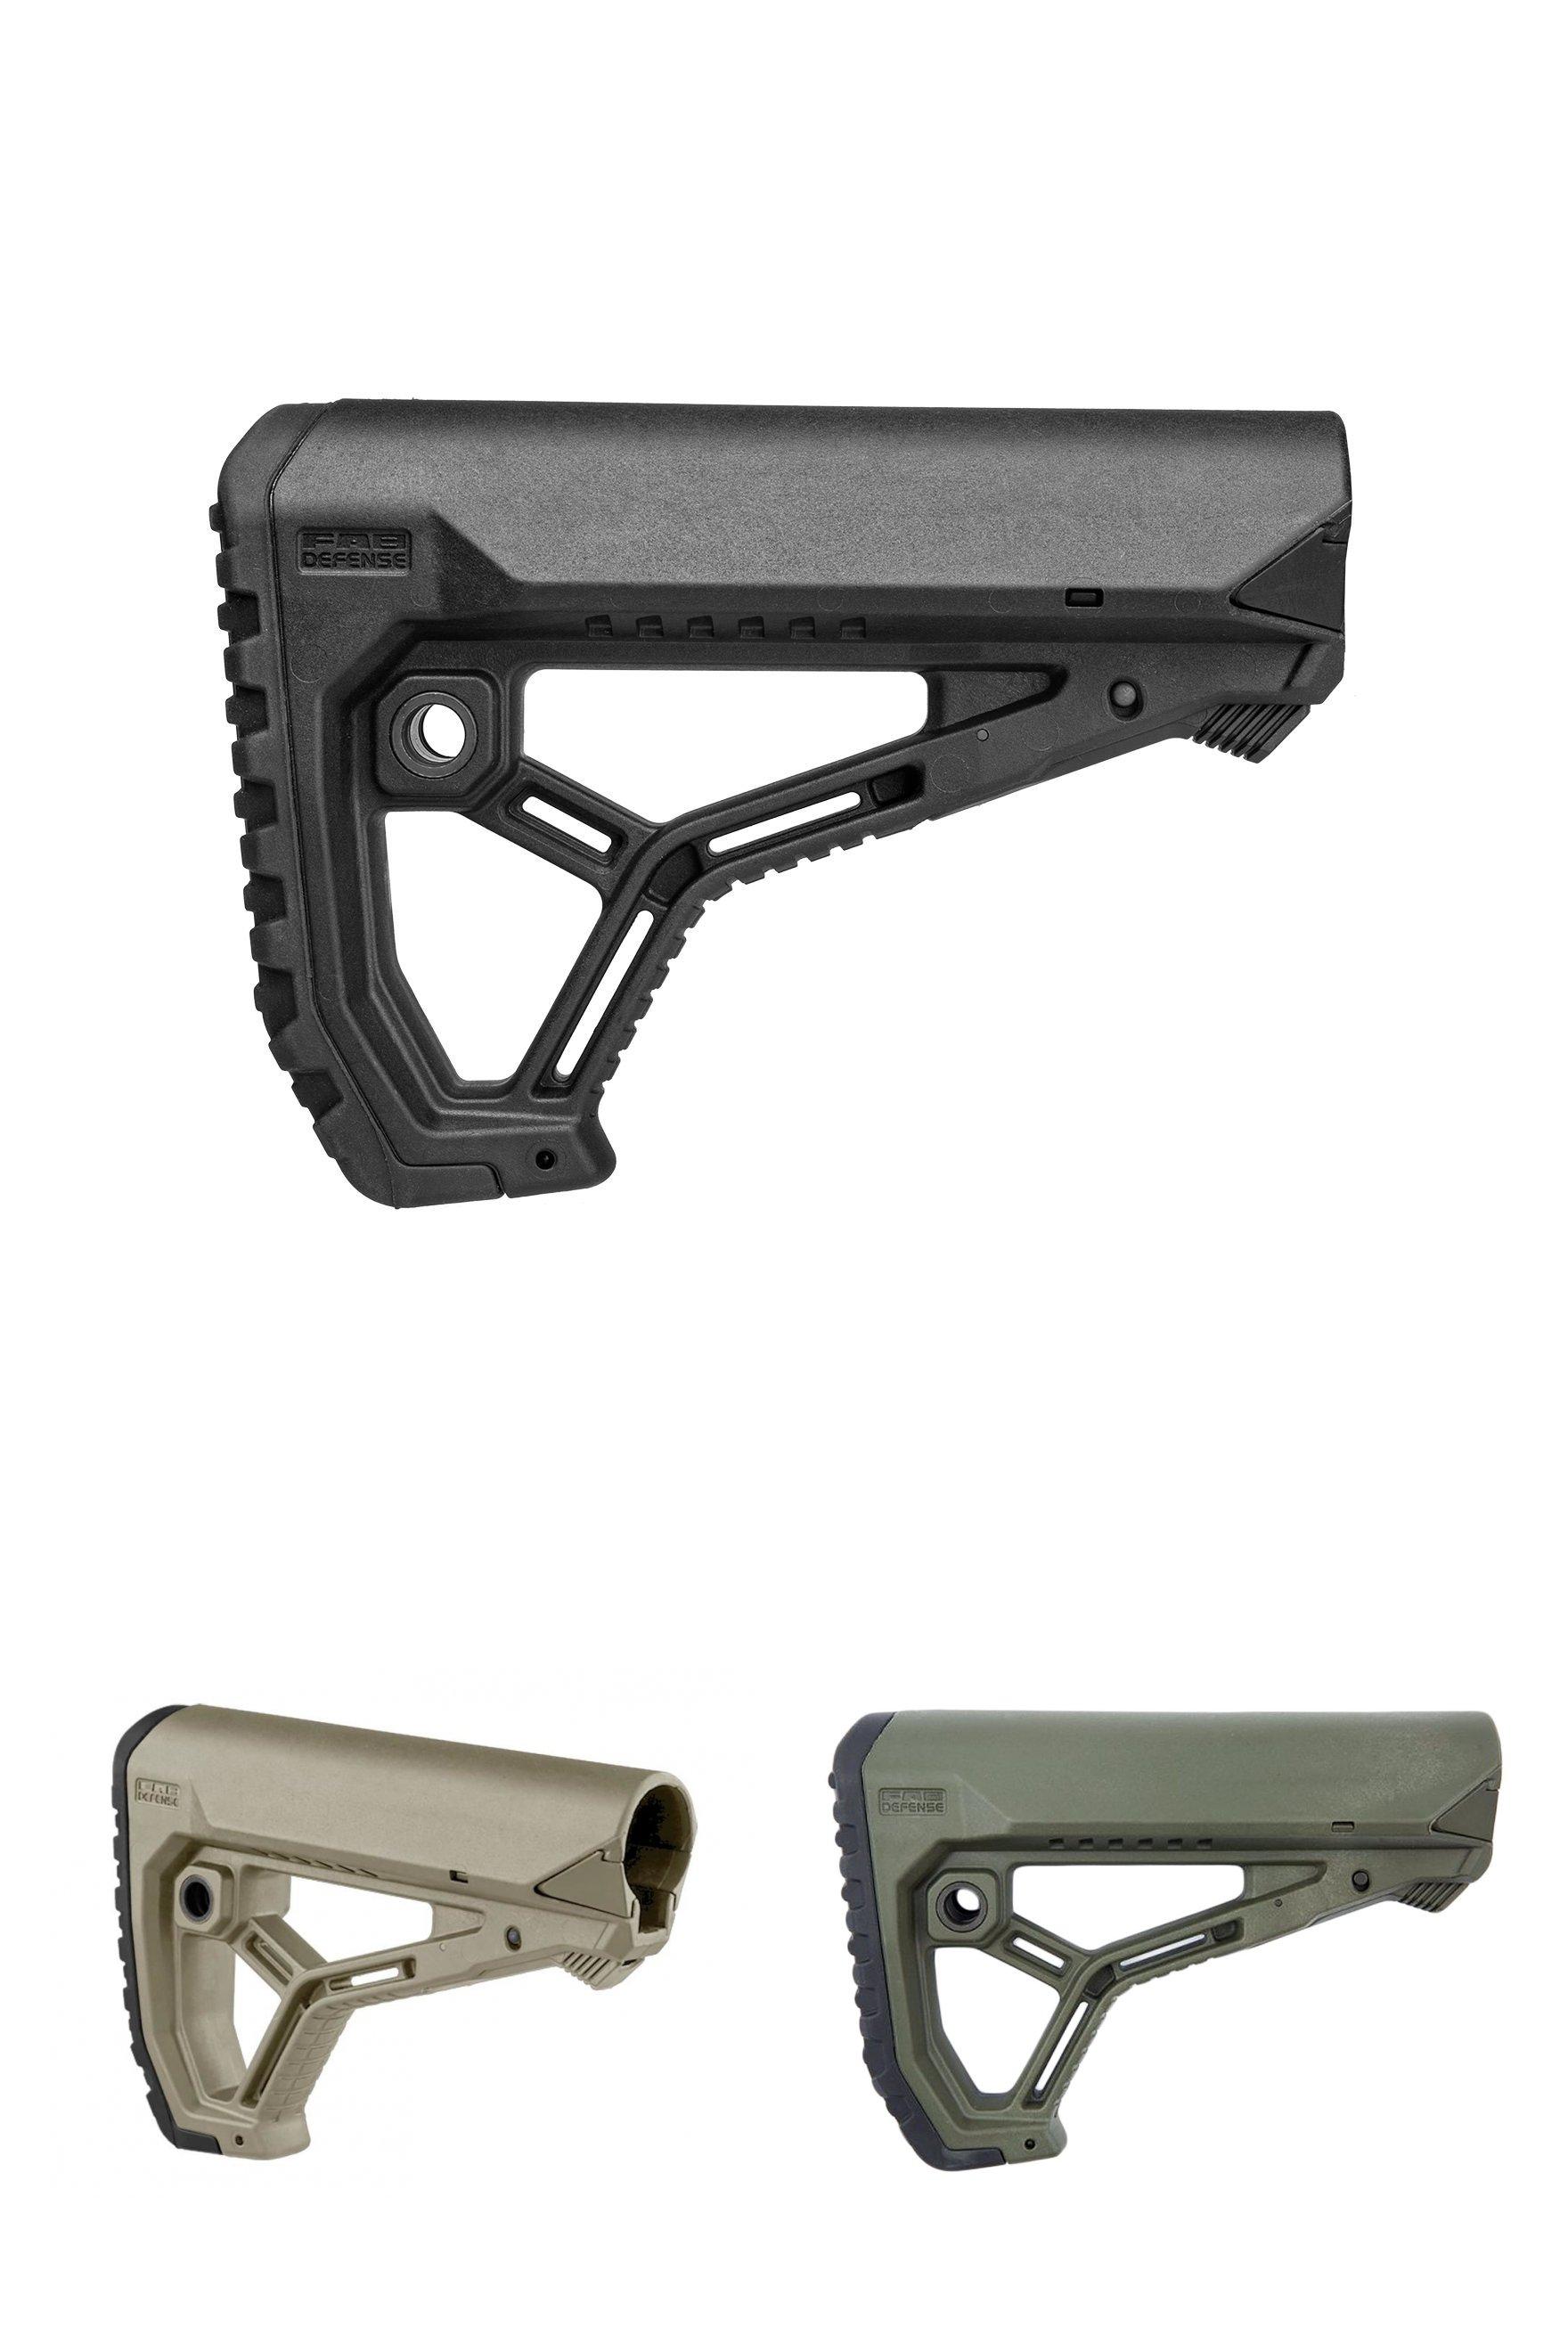 DOUBLE STAR AR-15 ARFX SKELETON STOCK | Sinclair Intl